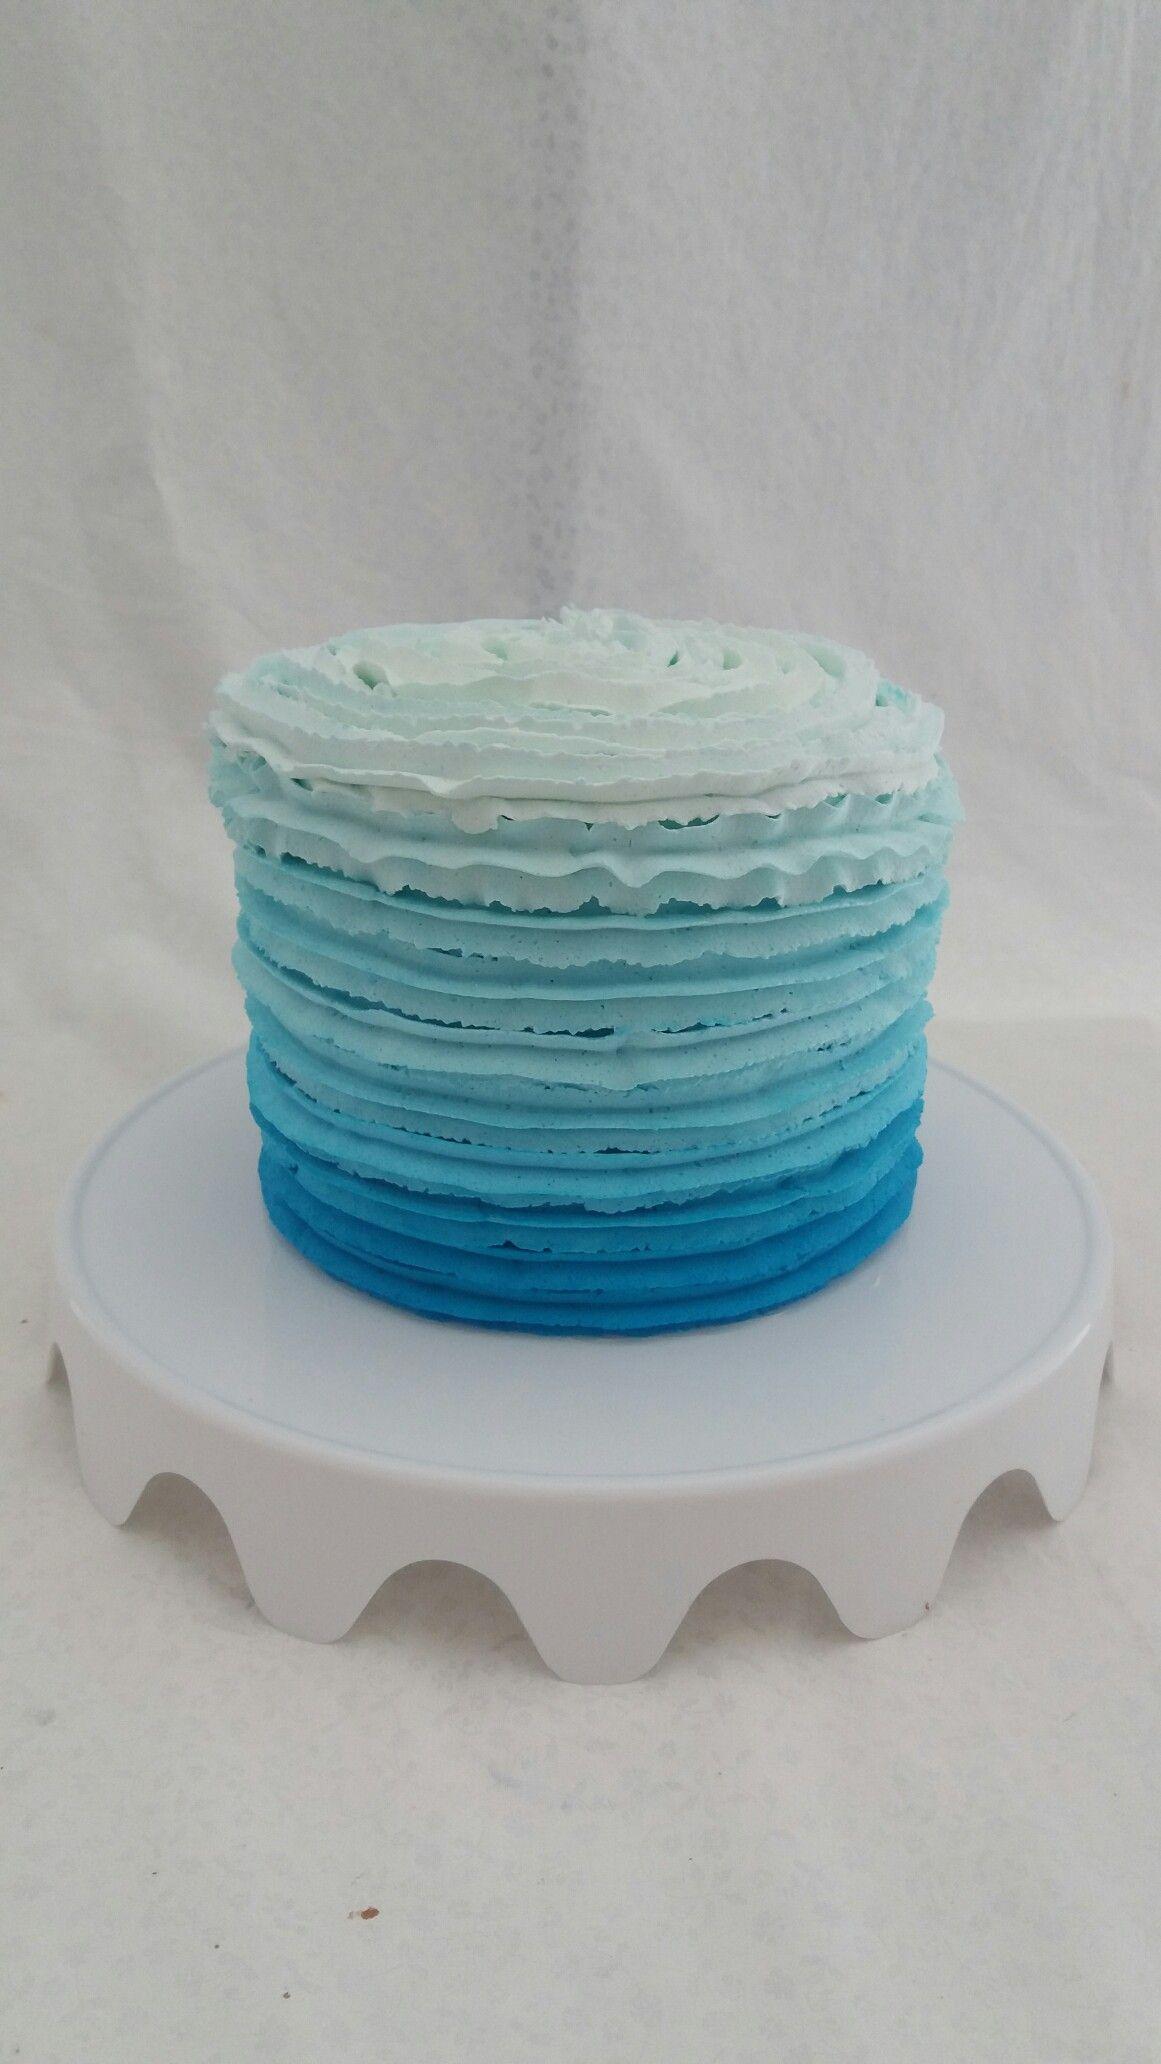 Bolos Chantilly Degrade Azul Bolo De Chantilly Bolo Degrade